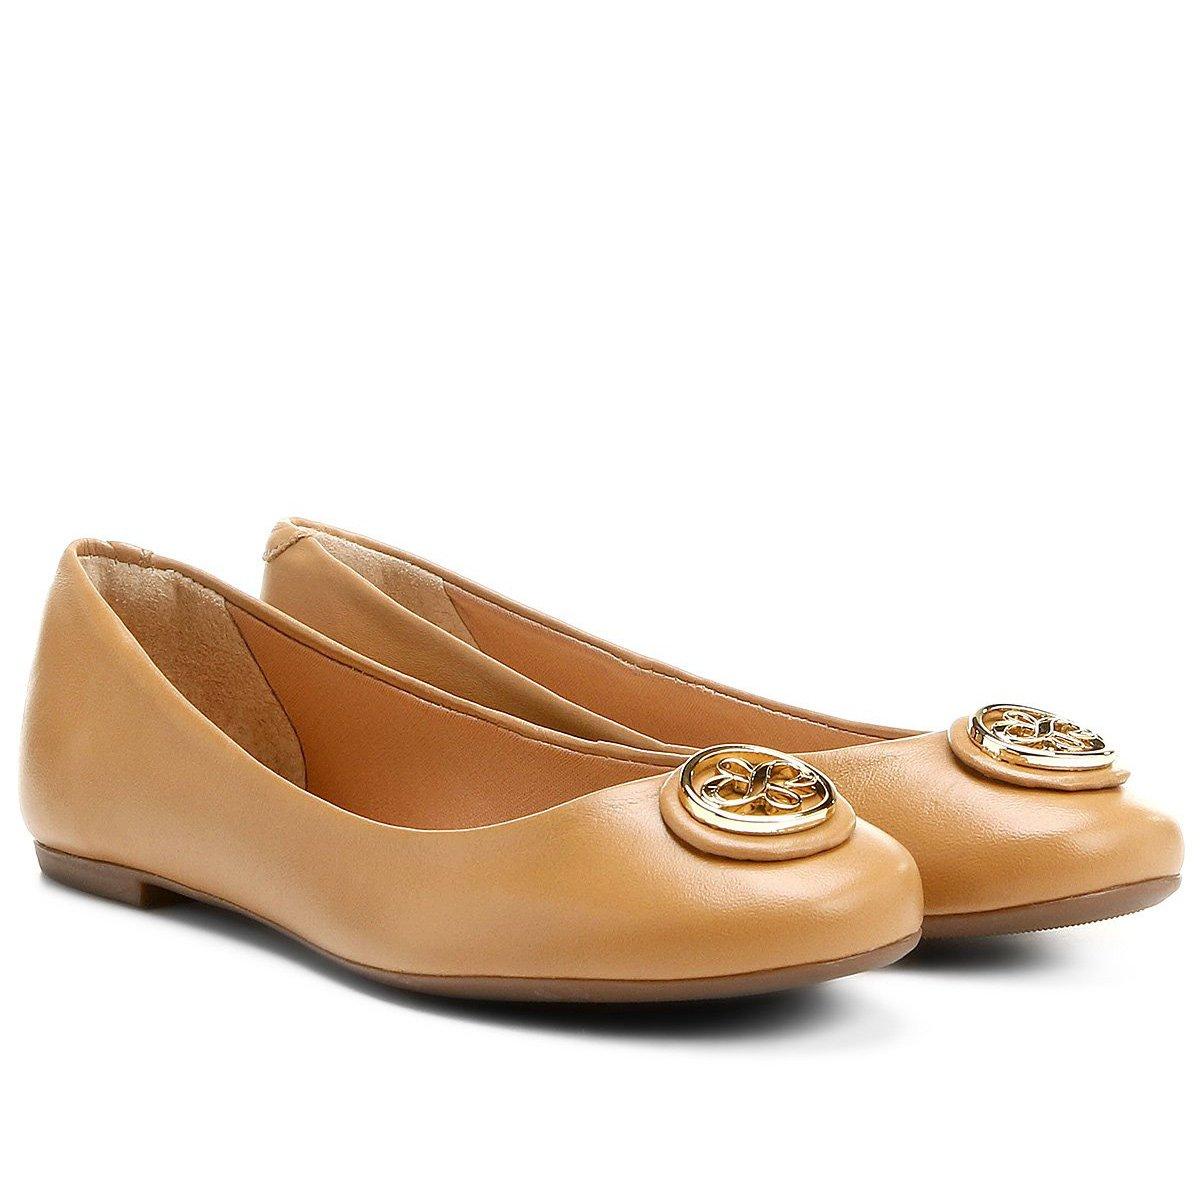 77317fda54 Sapatilha Couro Shoestock Medalha Feminina - Compre Agora